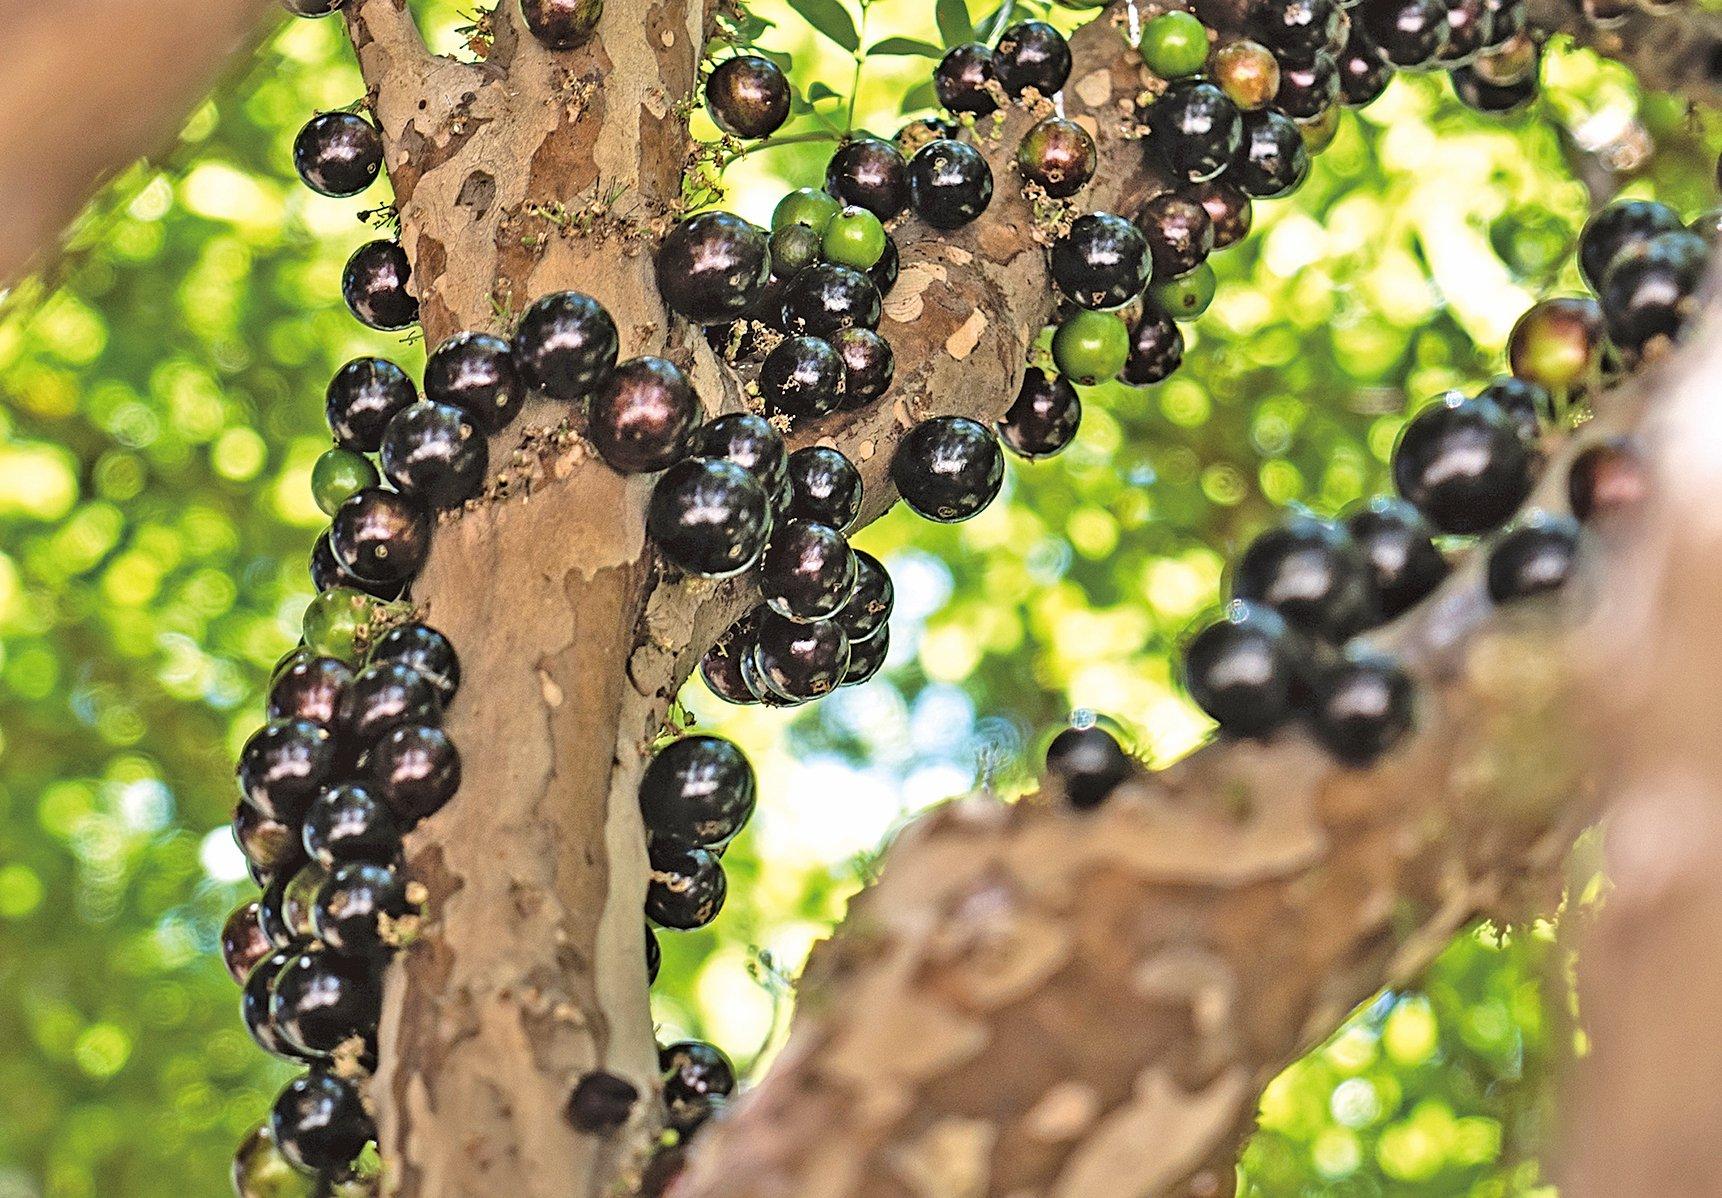 嘉寶果又叫巴西葡萄樹,特別的是這些果子是直接從樹幹上長出來的。